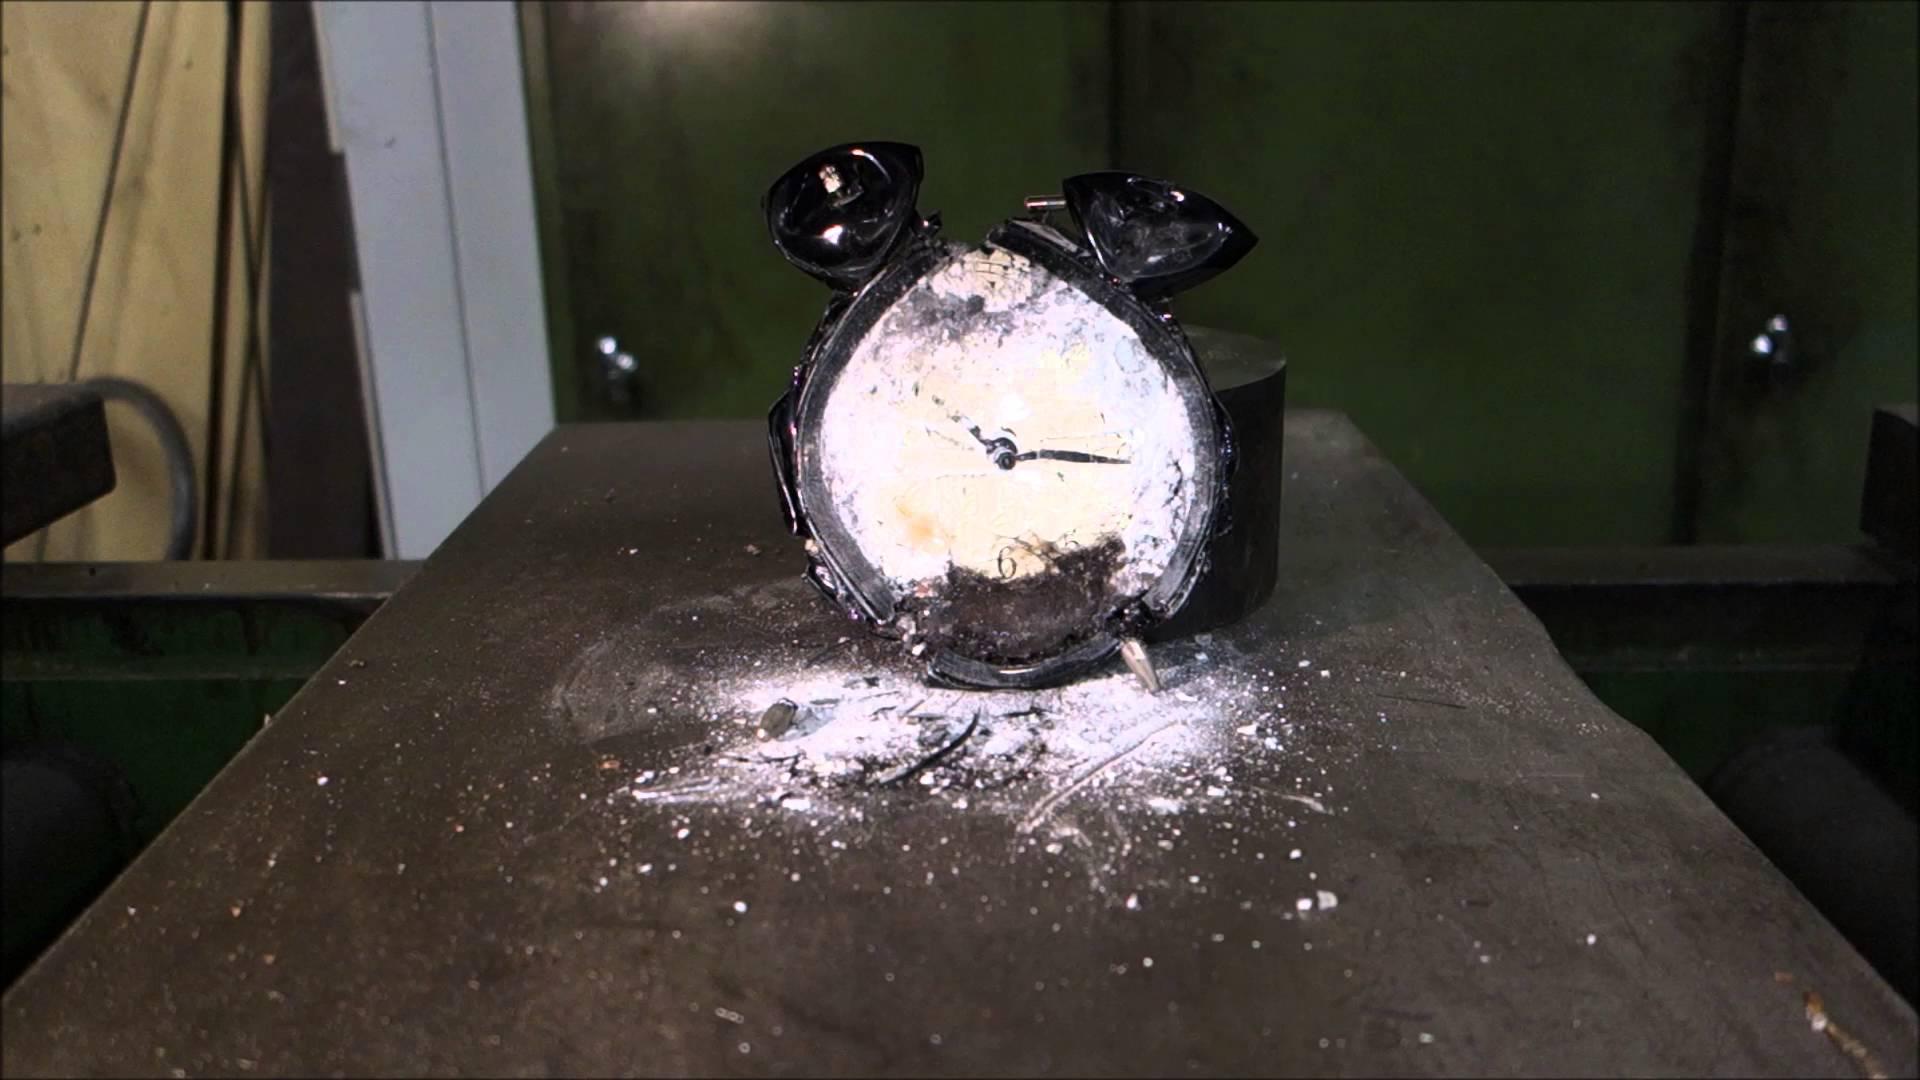 Crushing A Ringing Alarm Clock